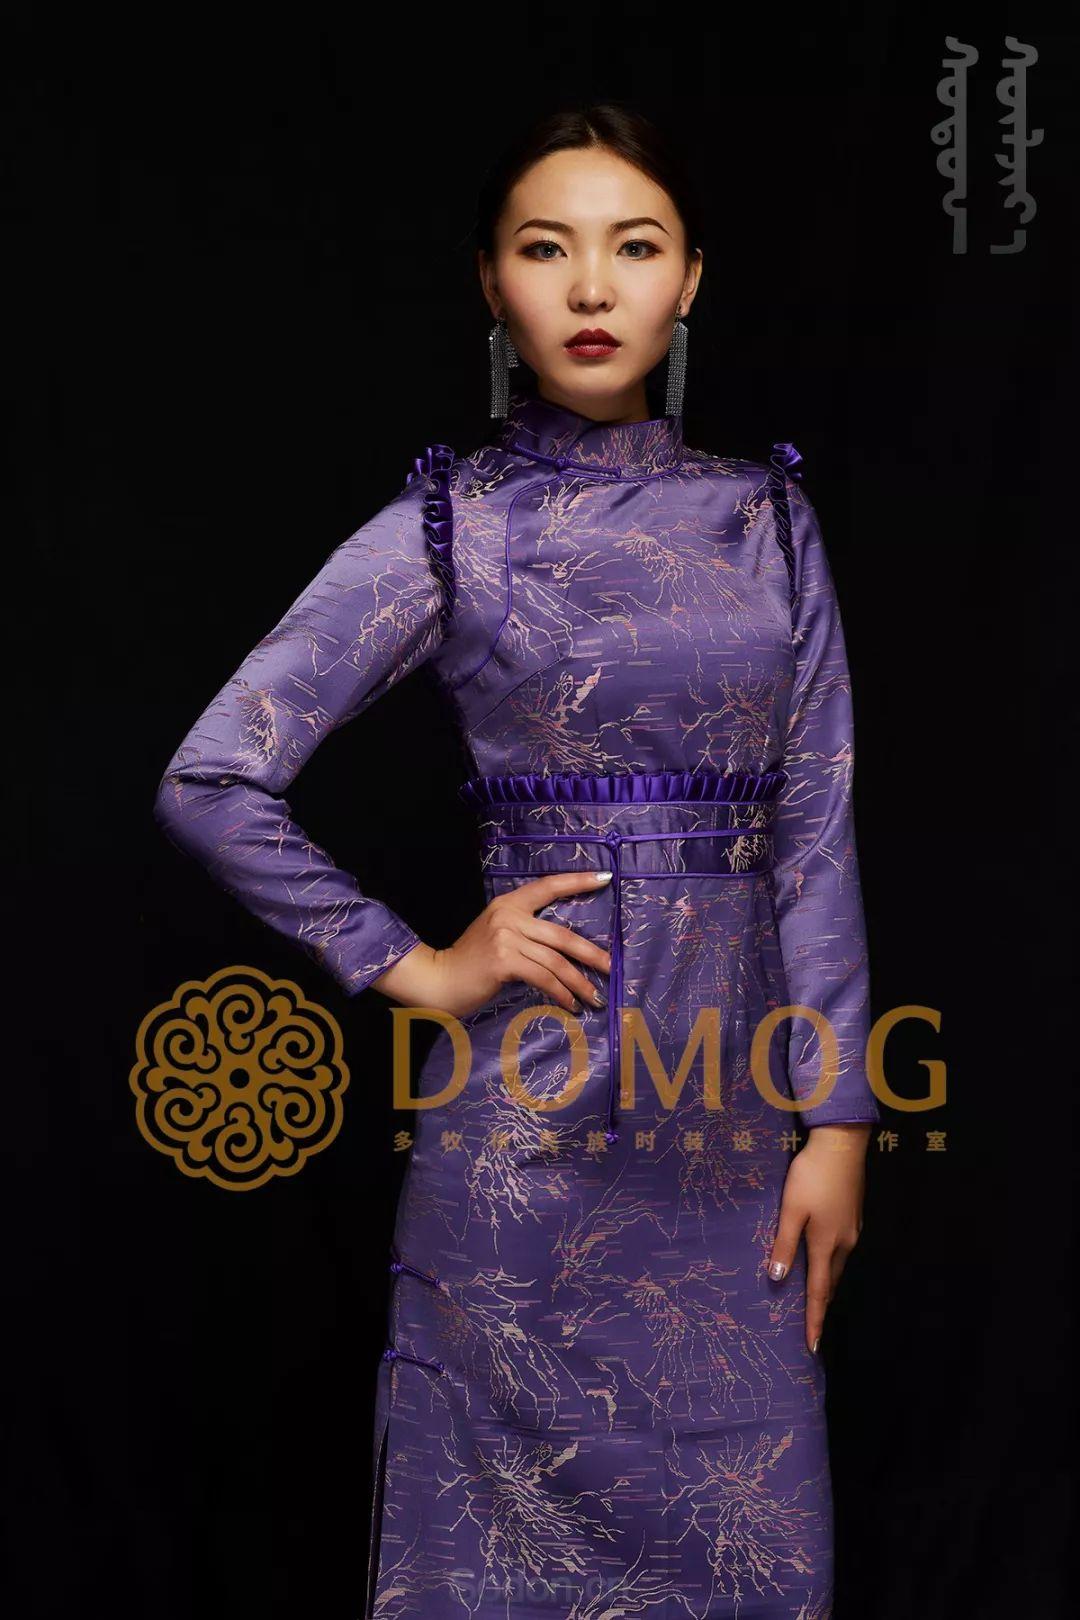 DOMOG蒙古时装绝美秋冬款系列,美出新高度! 第18张